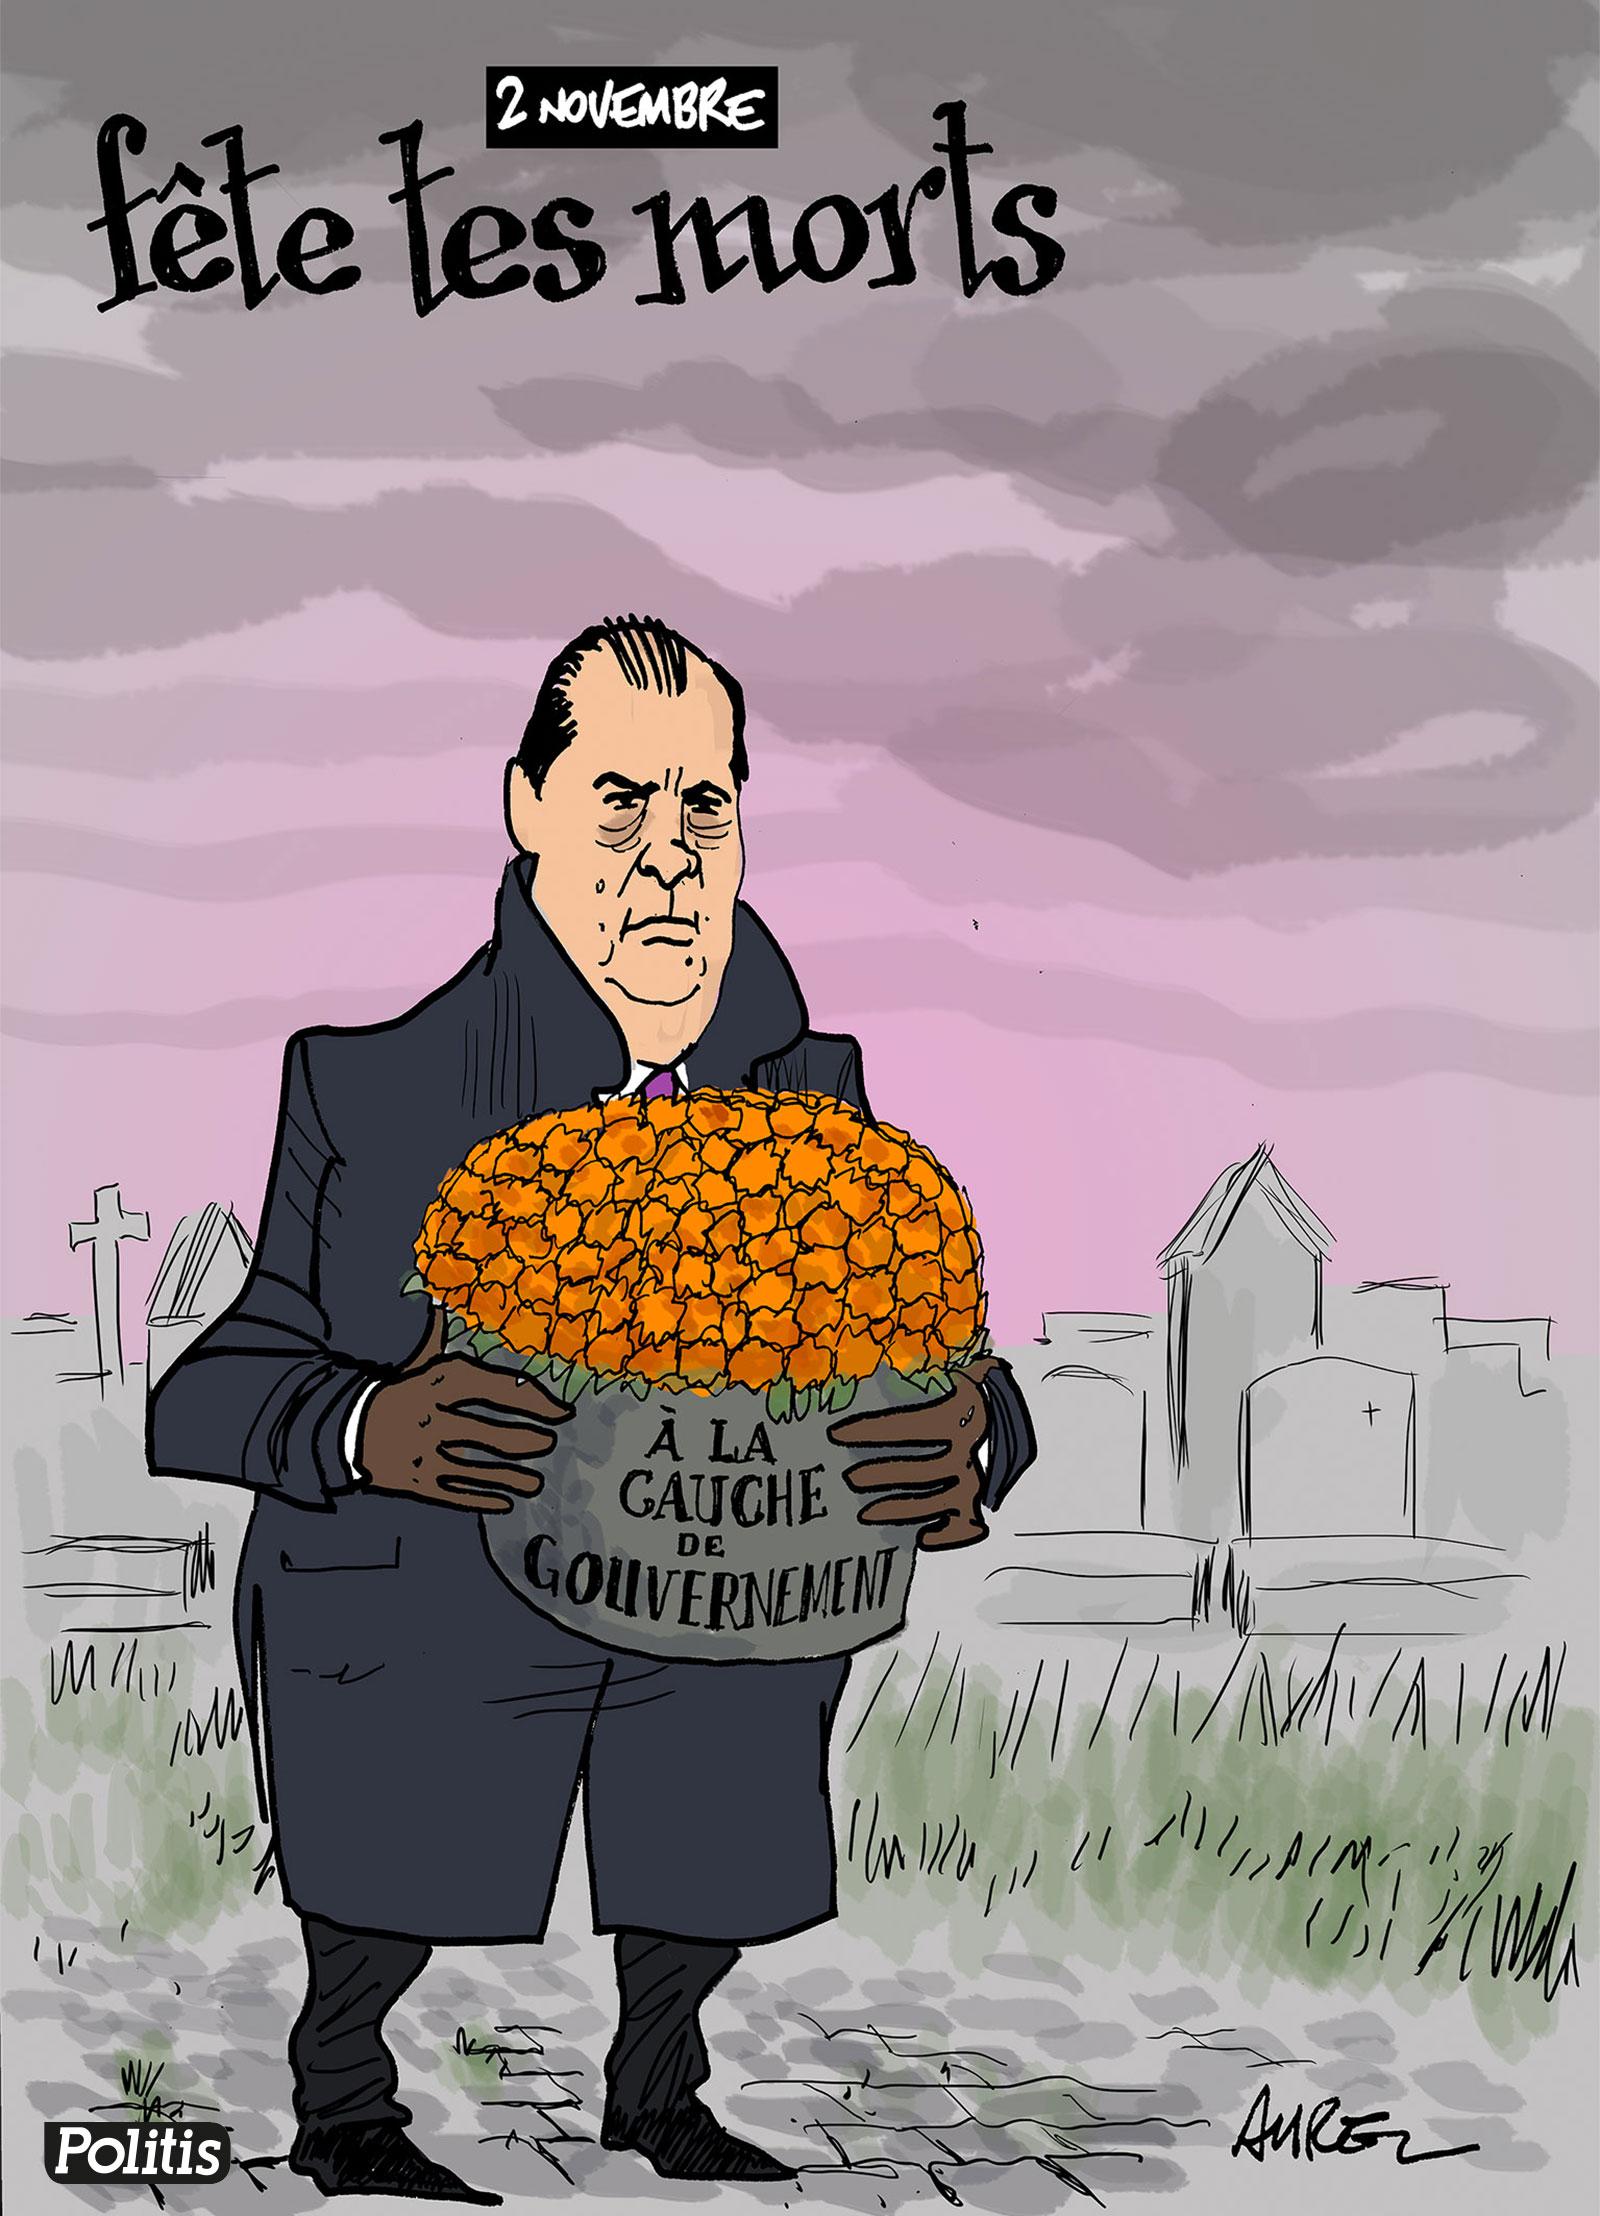 Les dessins de la semaine : Fête des morts et primaire de la droite